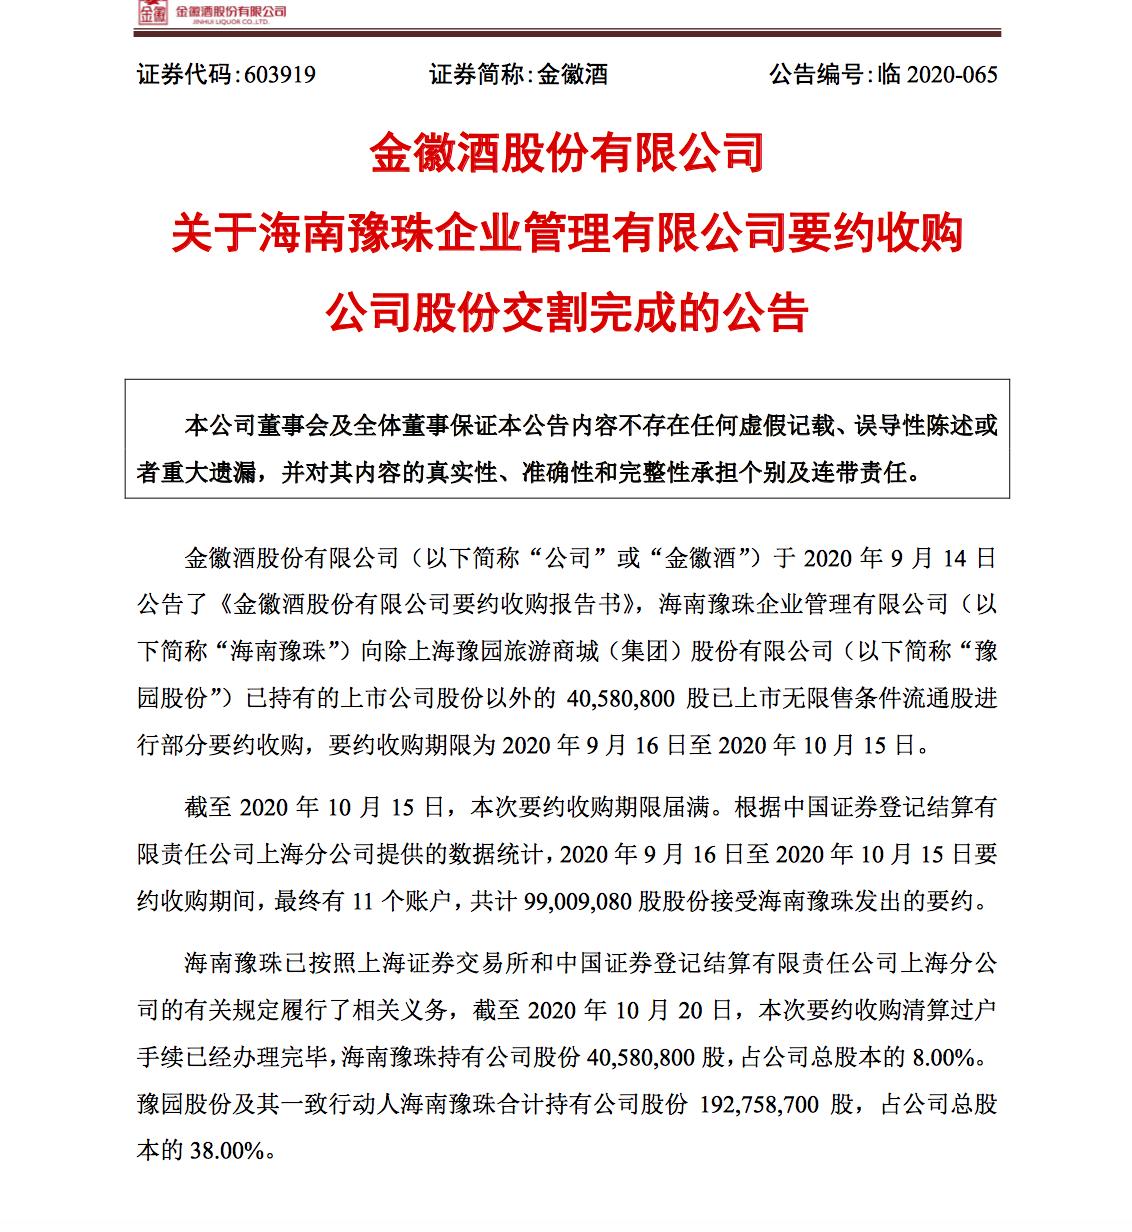 金徽酒:海南豫珠完成要约收购,豫园股份持有38%股权图片